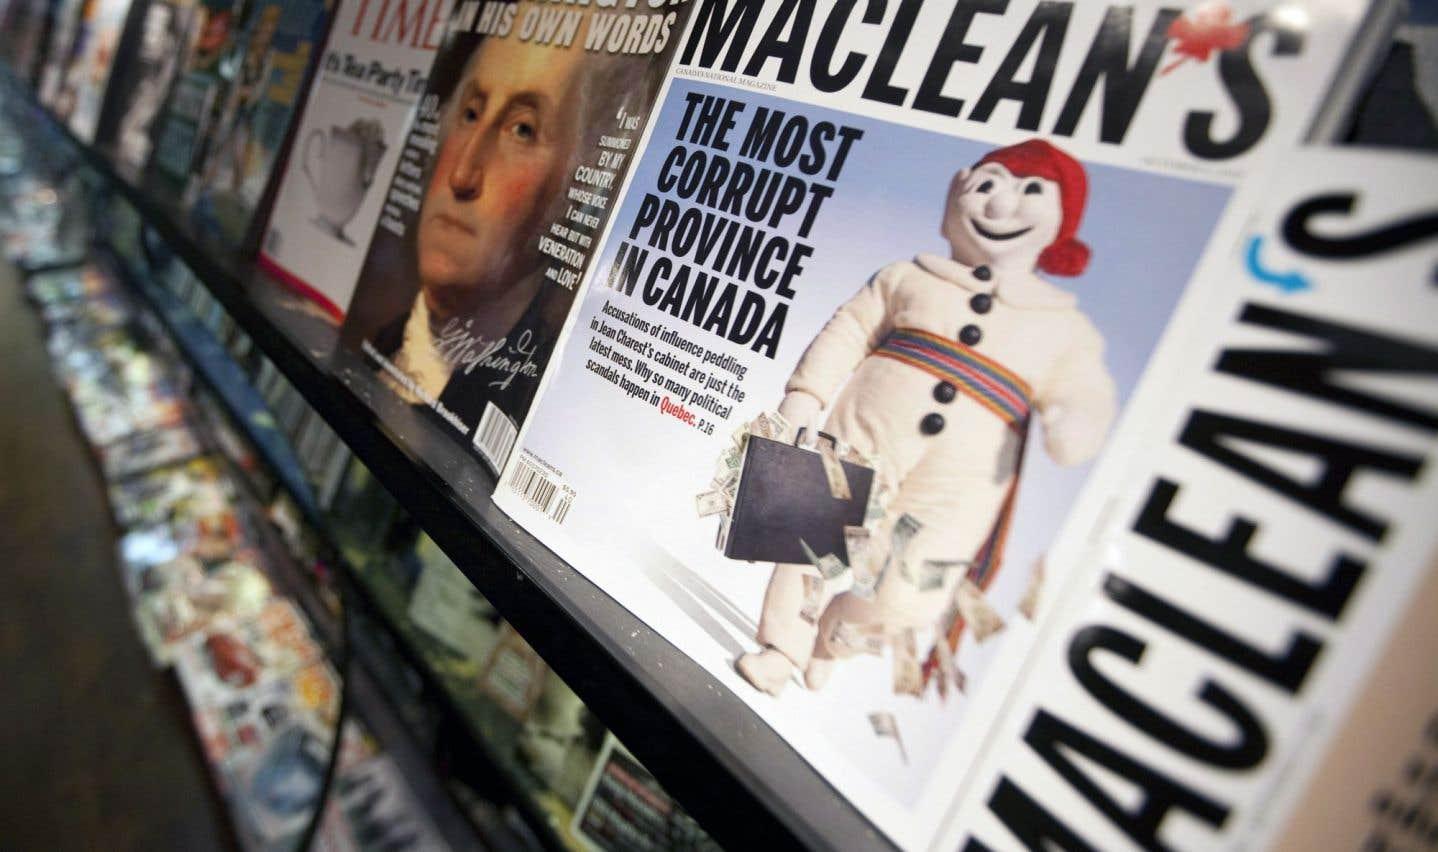 Le magazine «Maclean's» s'était attiré les foudres pour avoir qualifié le Québec de «province la plus corrompue au Canada» à l'automne 2010.